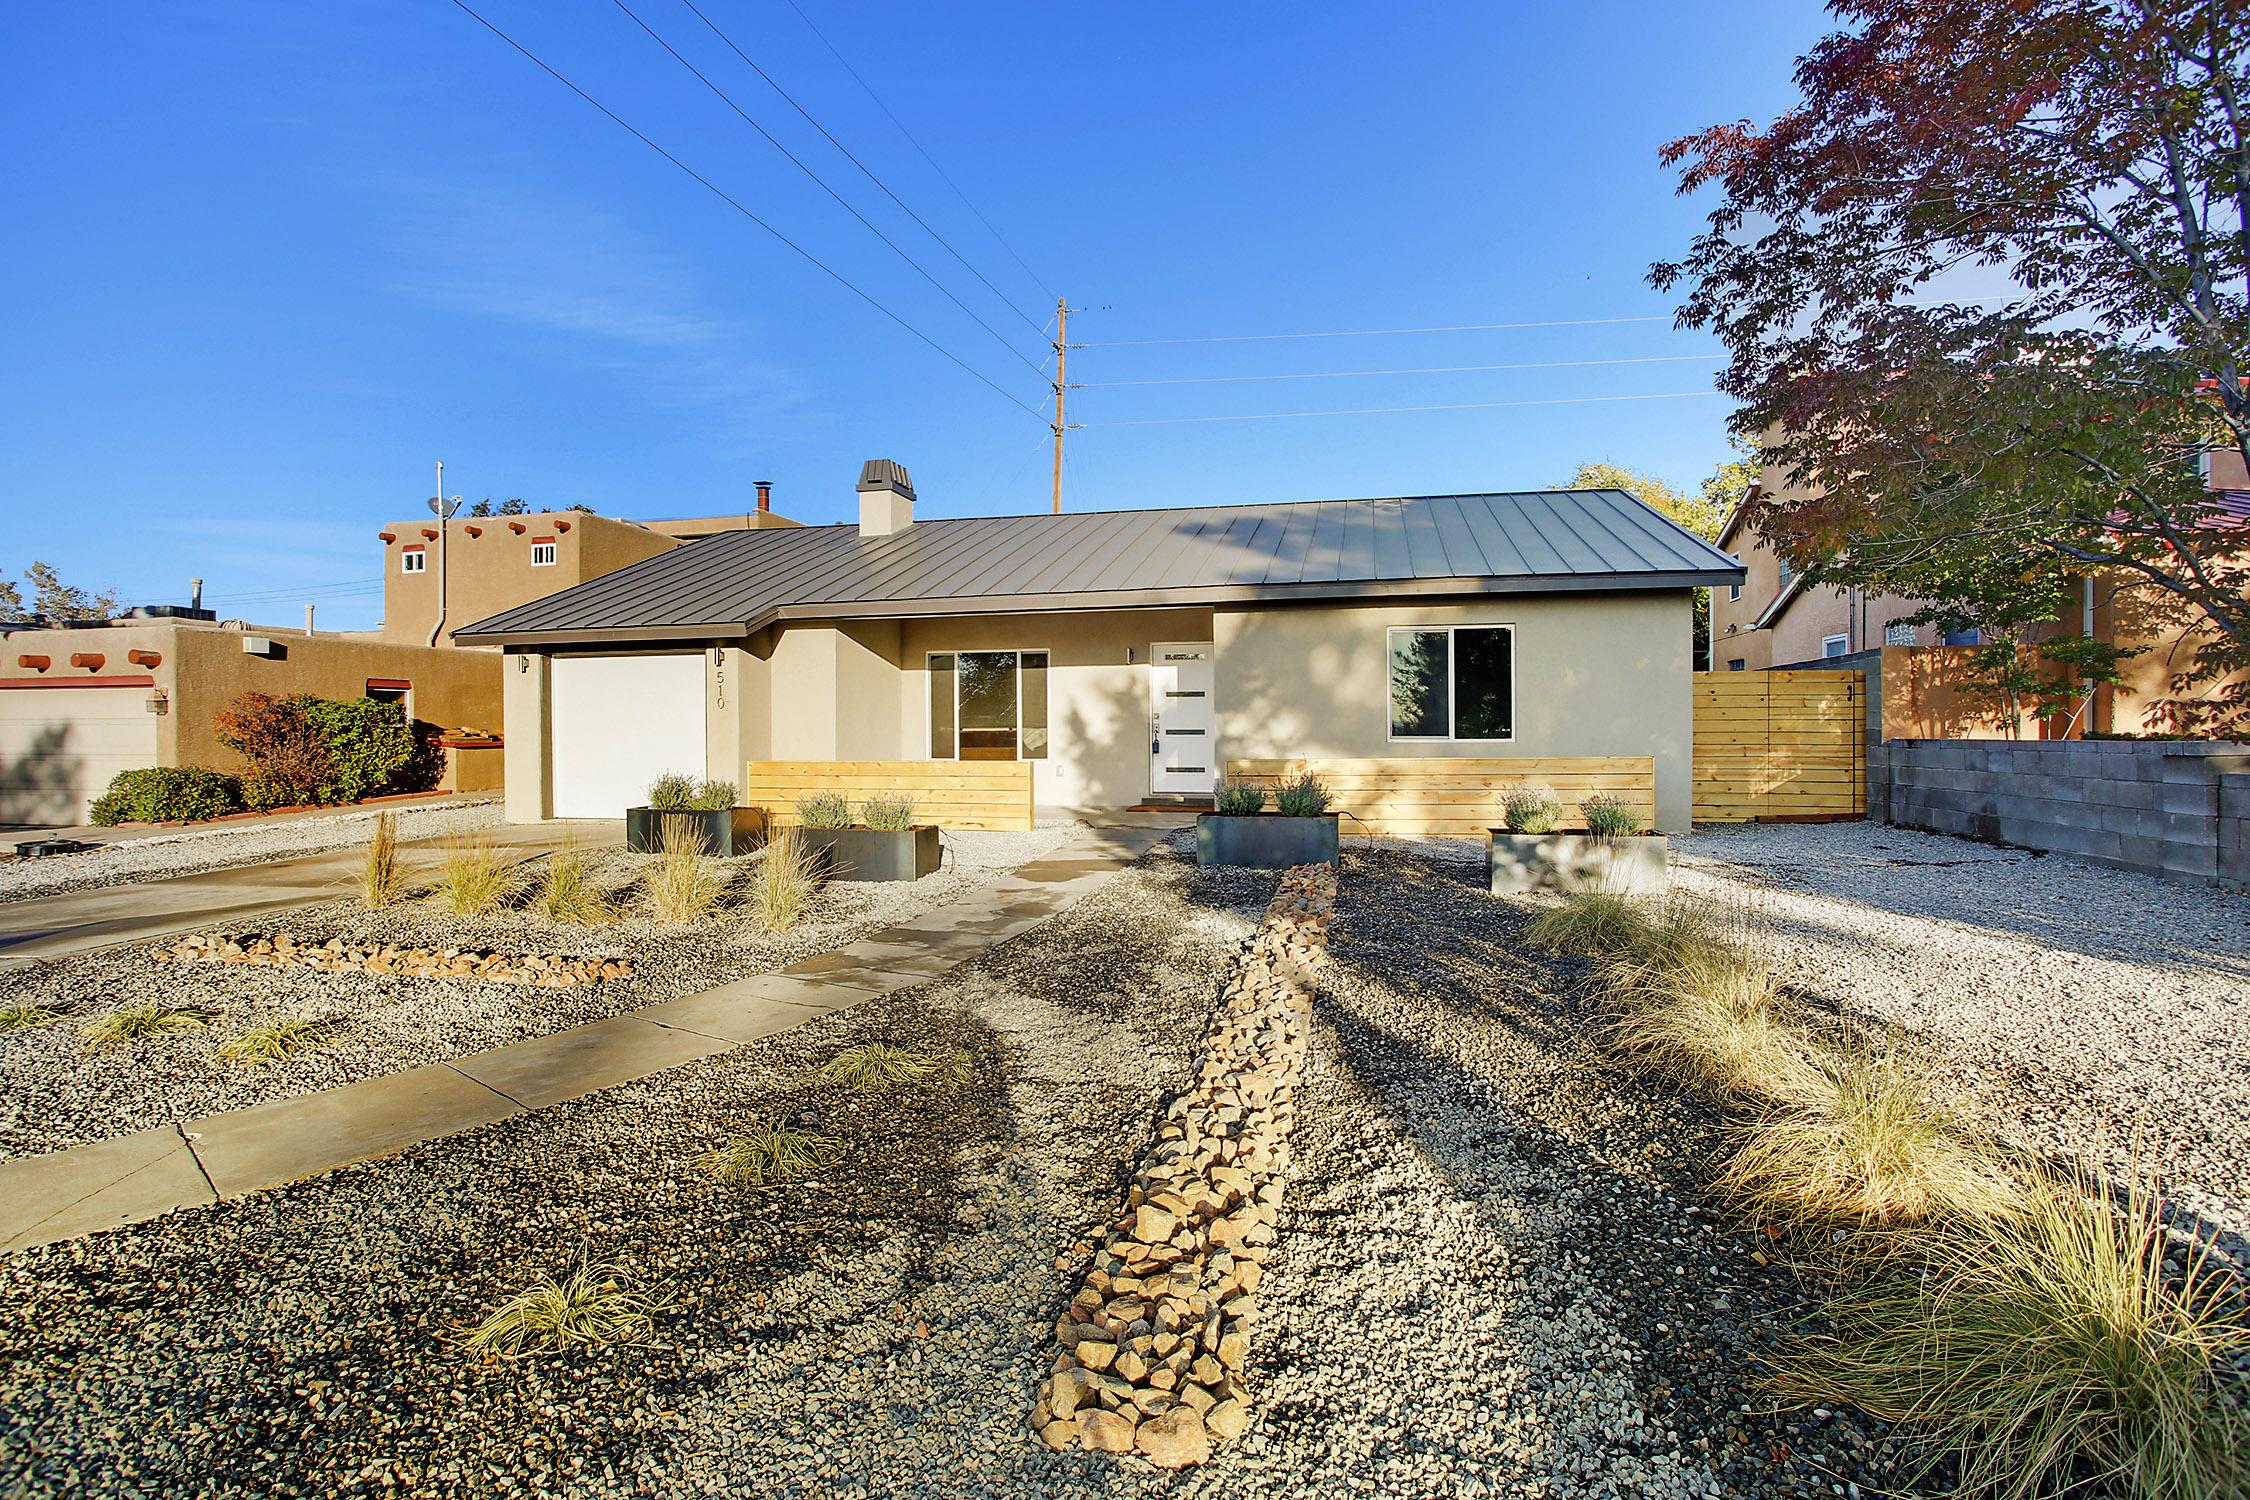 510 TULANE Drive SE, Albuquerque, NM 87106 - Albuquerque, NM real estate listing